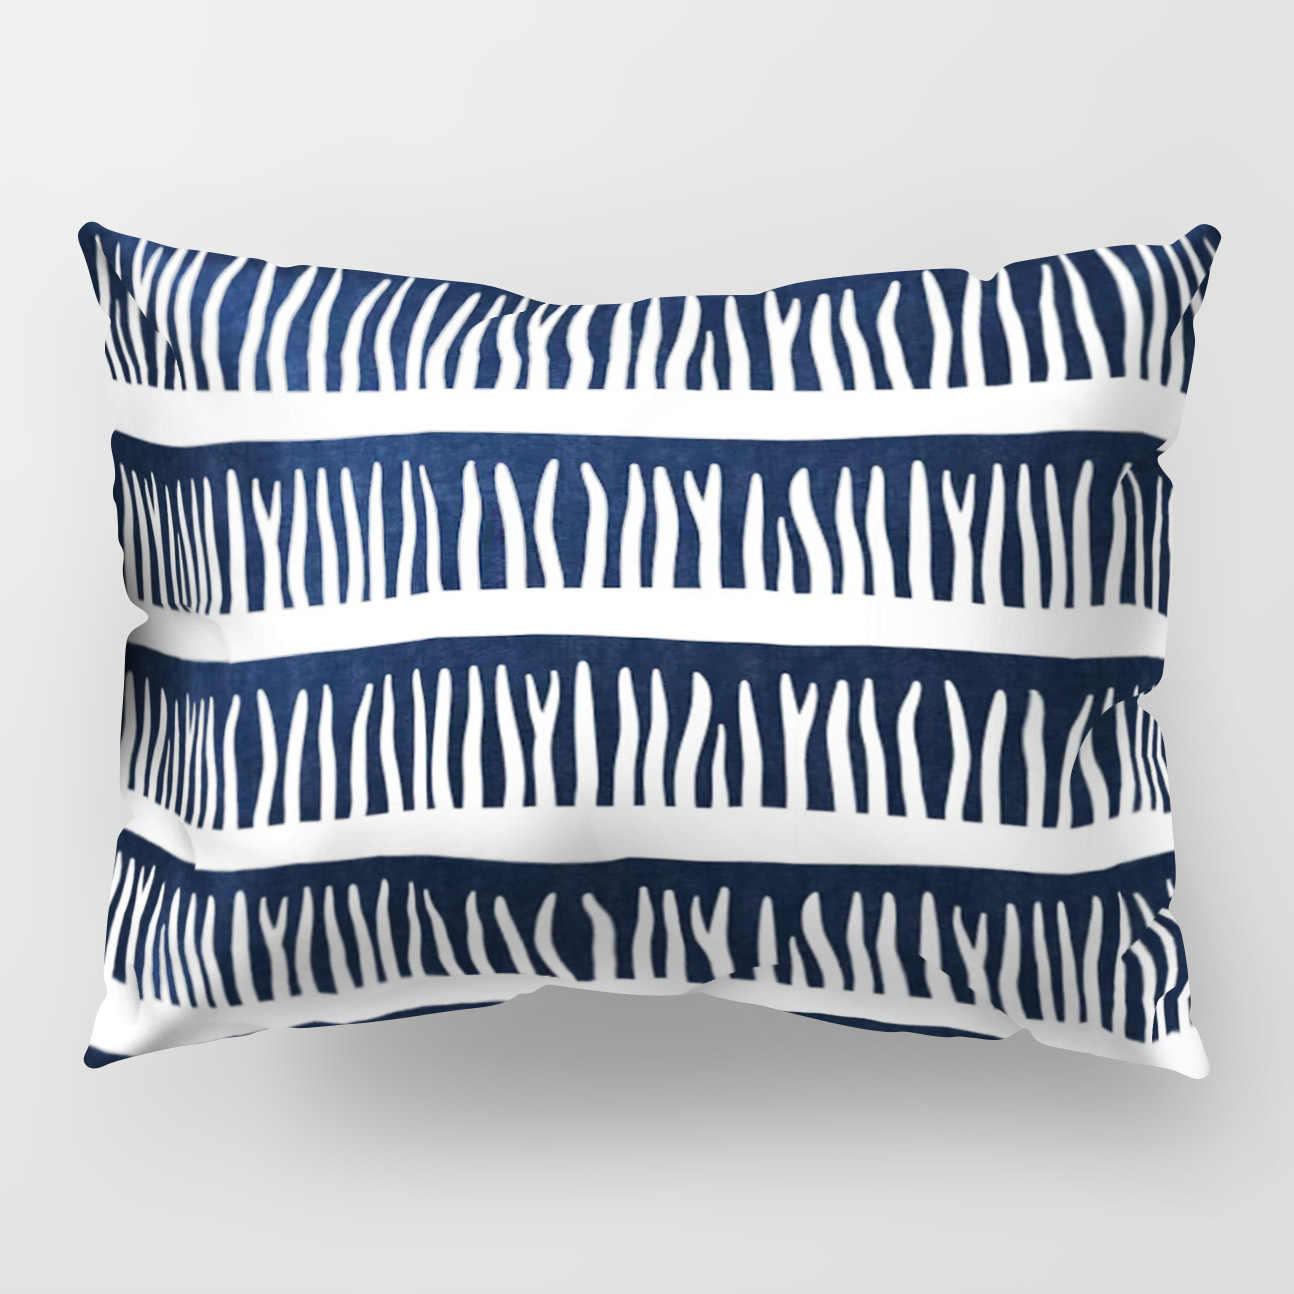 ลาย Geometric Designer สีเทา Cushion COVER สีขาวและสีดำแฟชั่นตกแต่งบ้านโซฟาเก้าอี้โซฟารถโยนหมอนกรณี